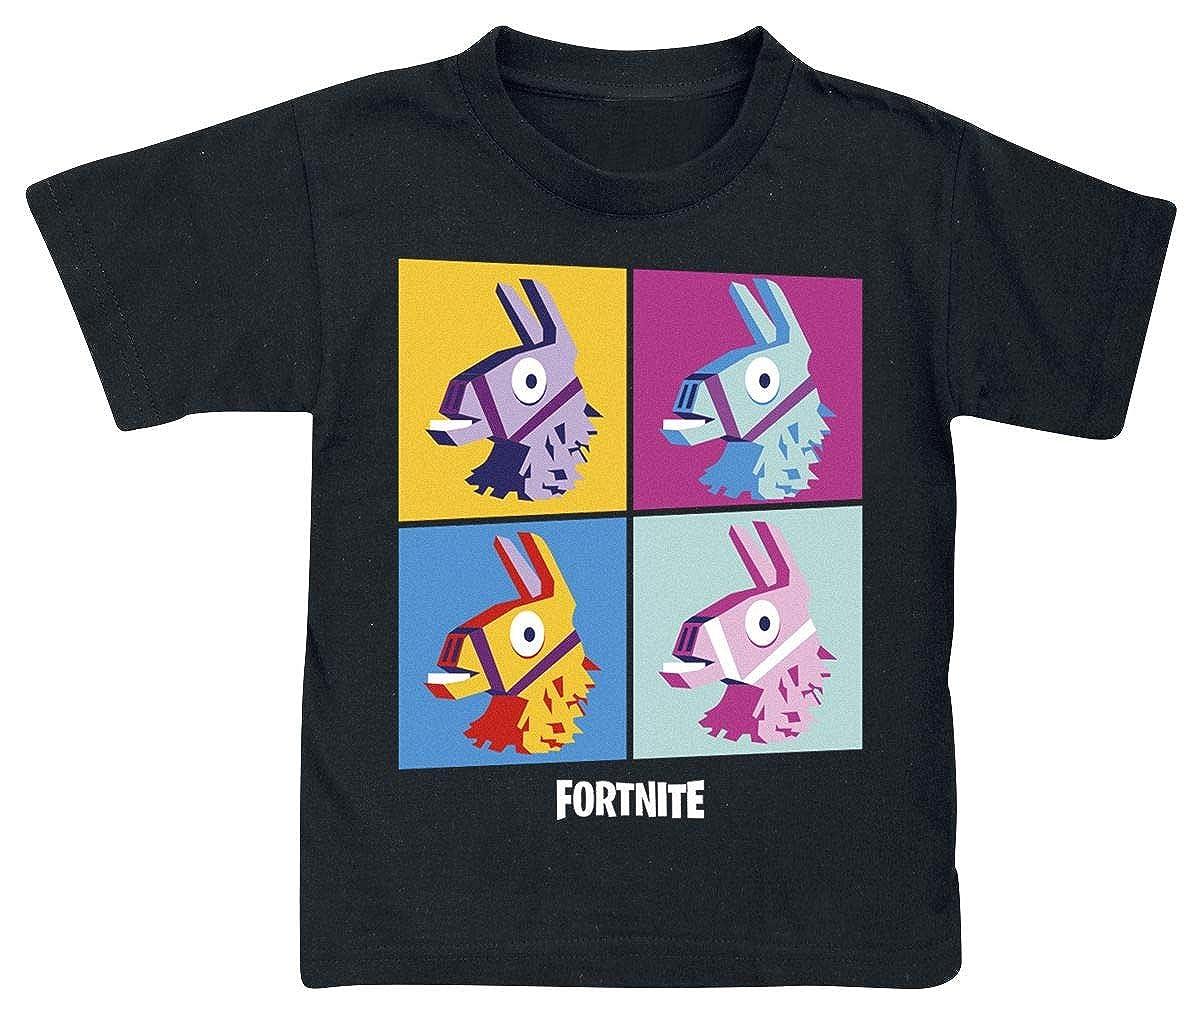 cce1d94b3b1d7 Fortnite T- Shirt Garçon  Amazon.fr  Vêtements et accessoires